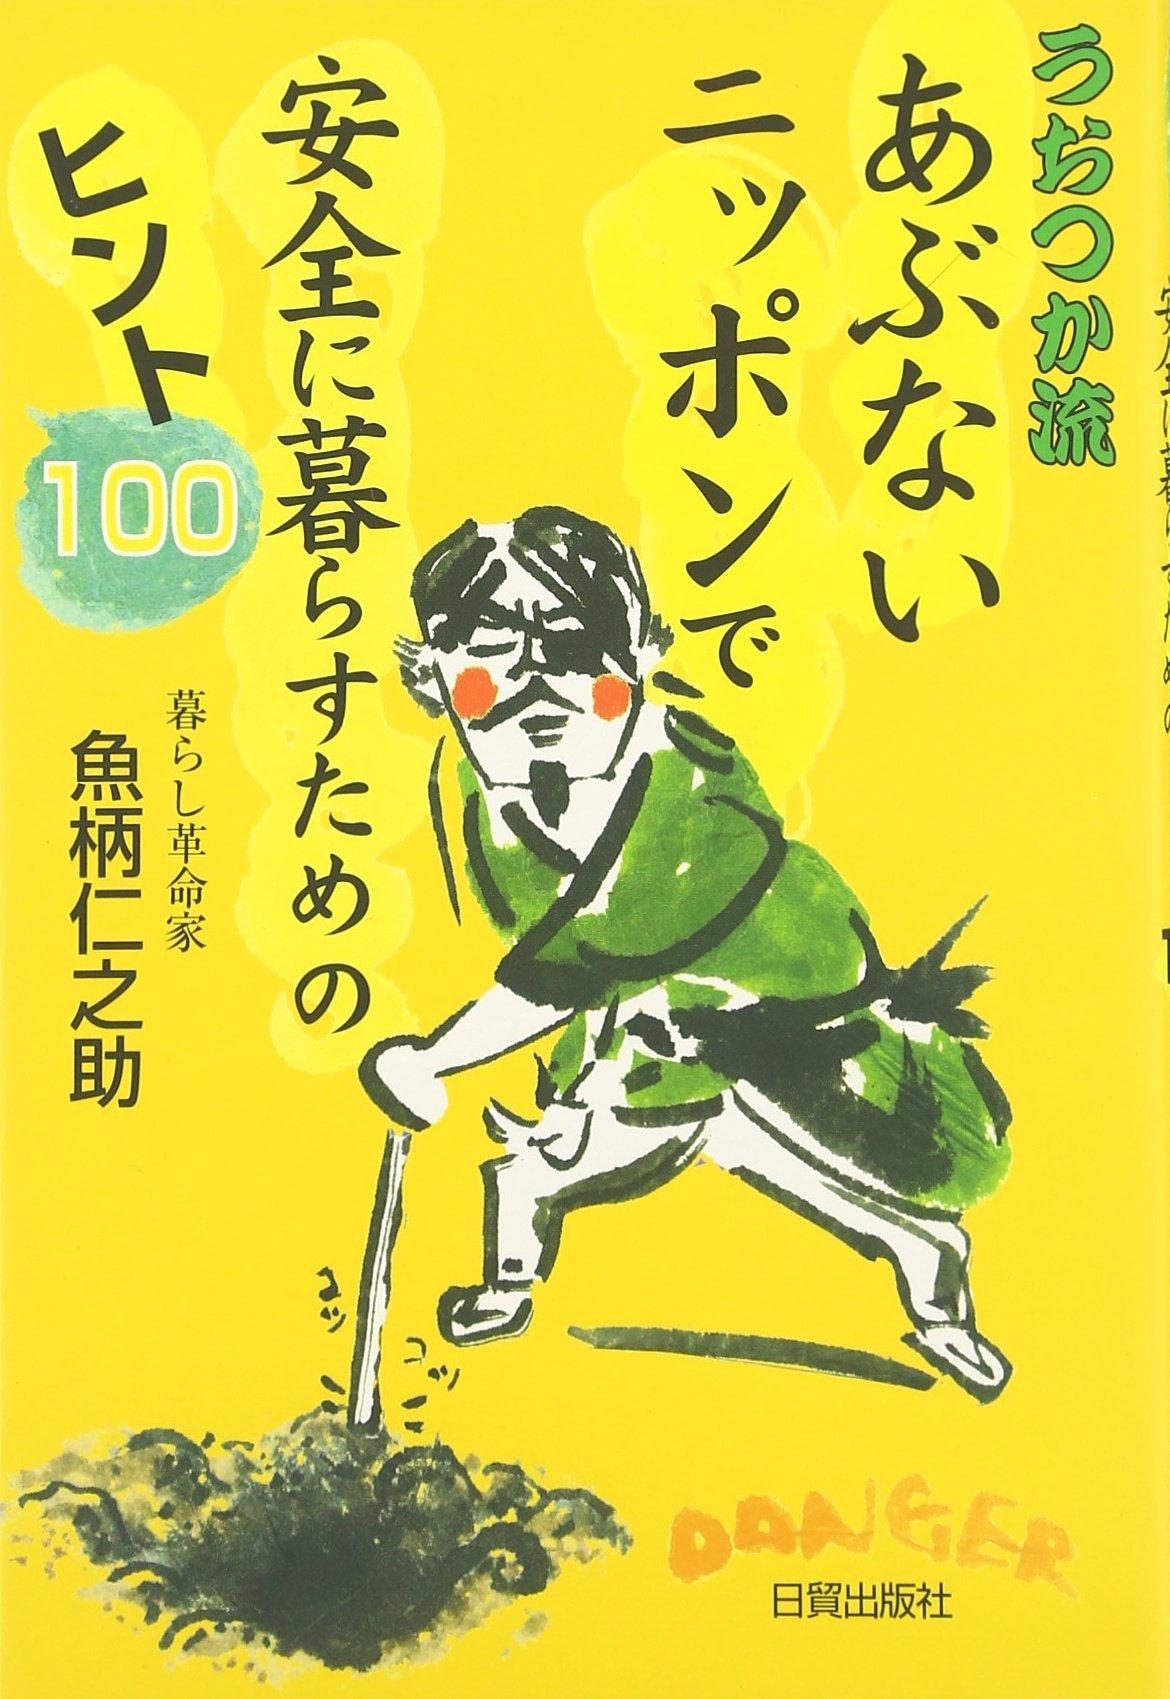 『うおつか流あぶないニッポンで安全に暮らすためのヒント100』表紙画像